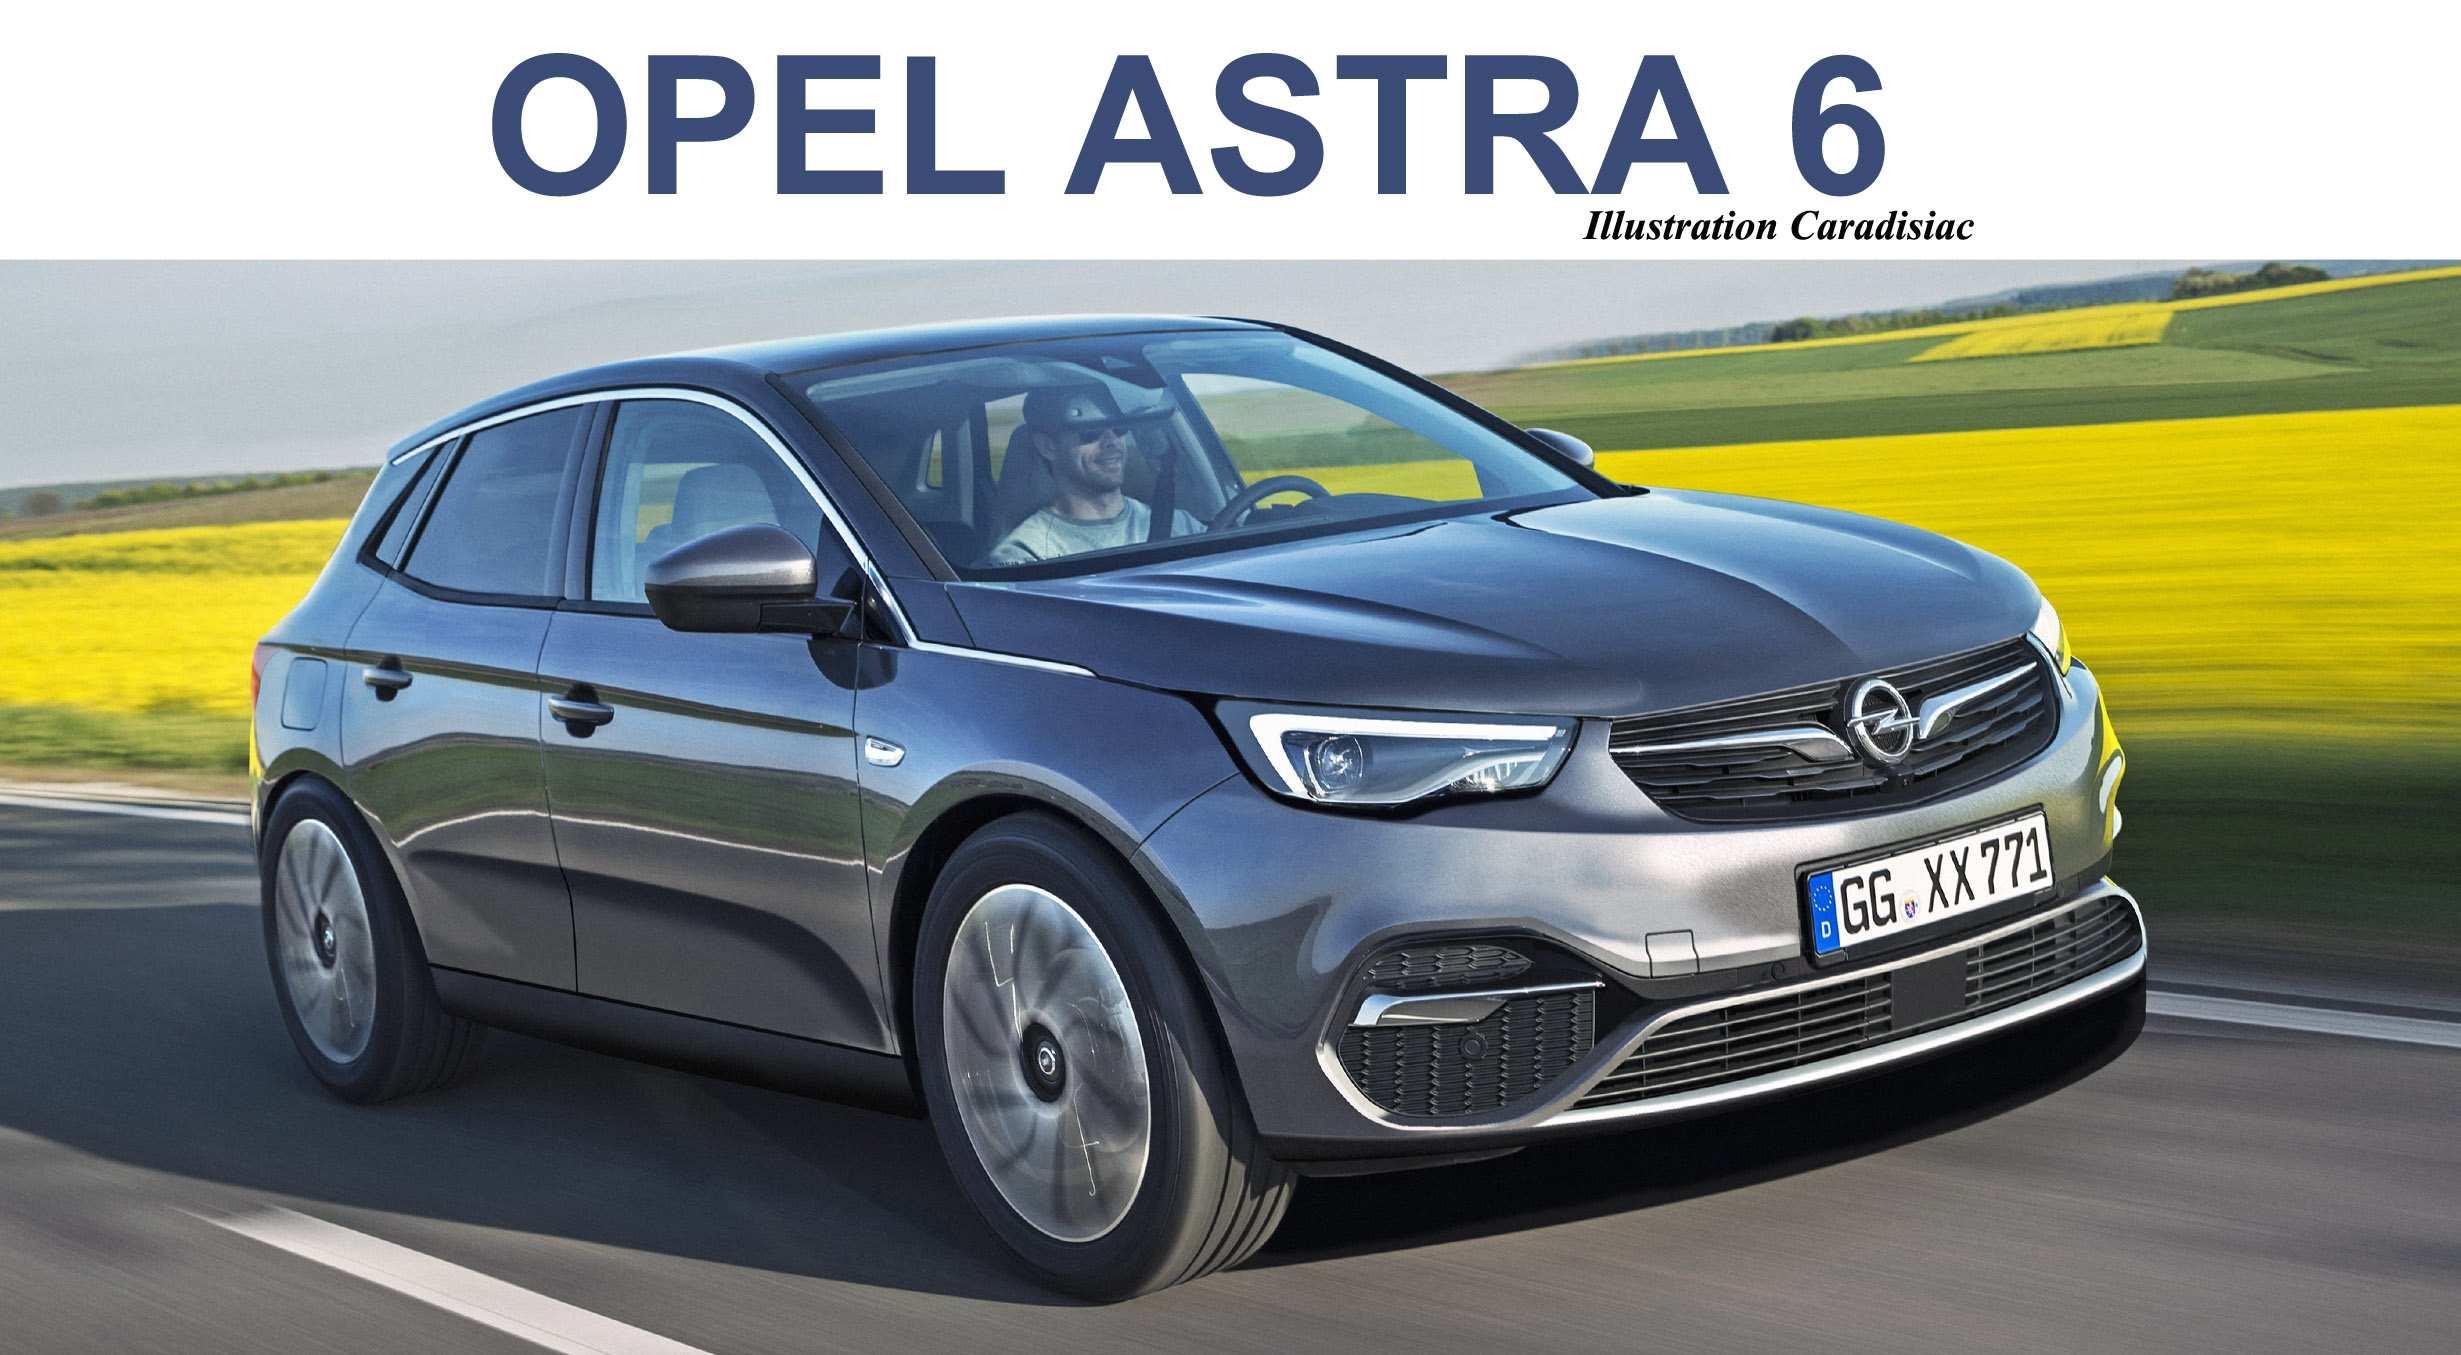 62 New Futur Opel Zafira 2020 Specs and Review for Futur Opel Zafira 2020